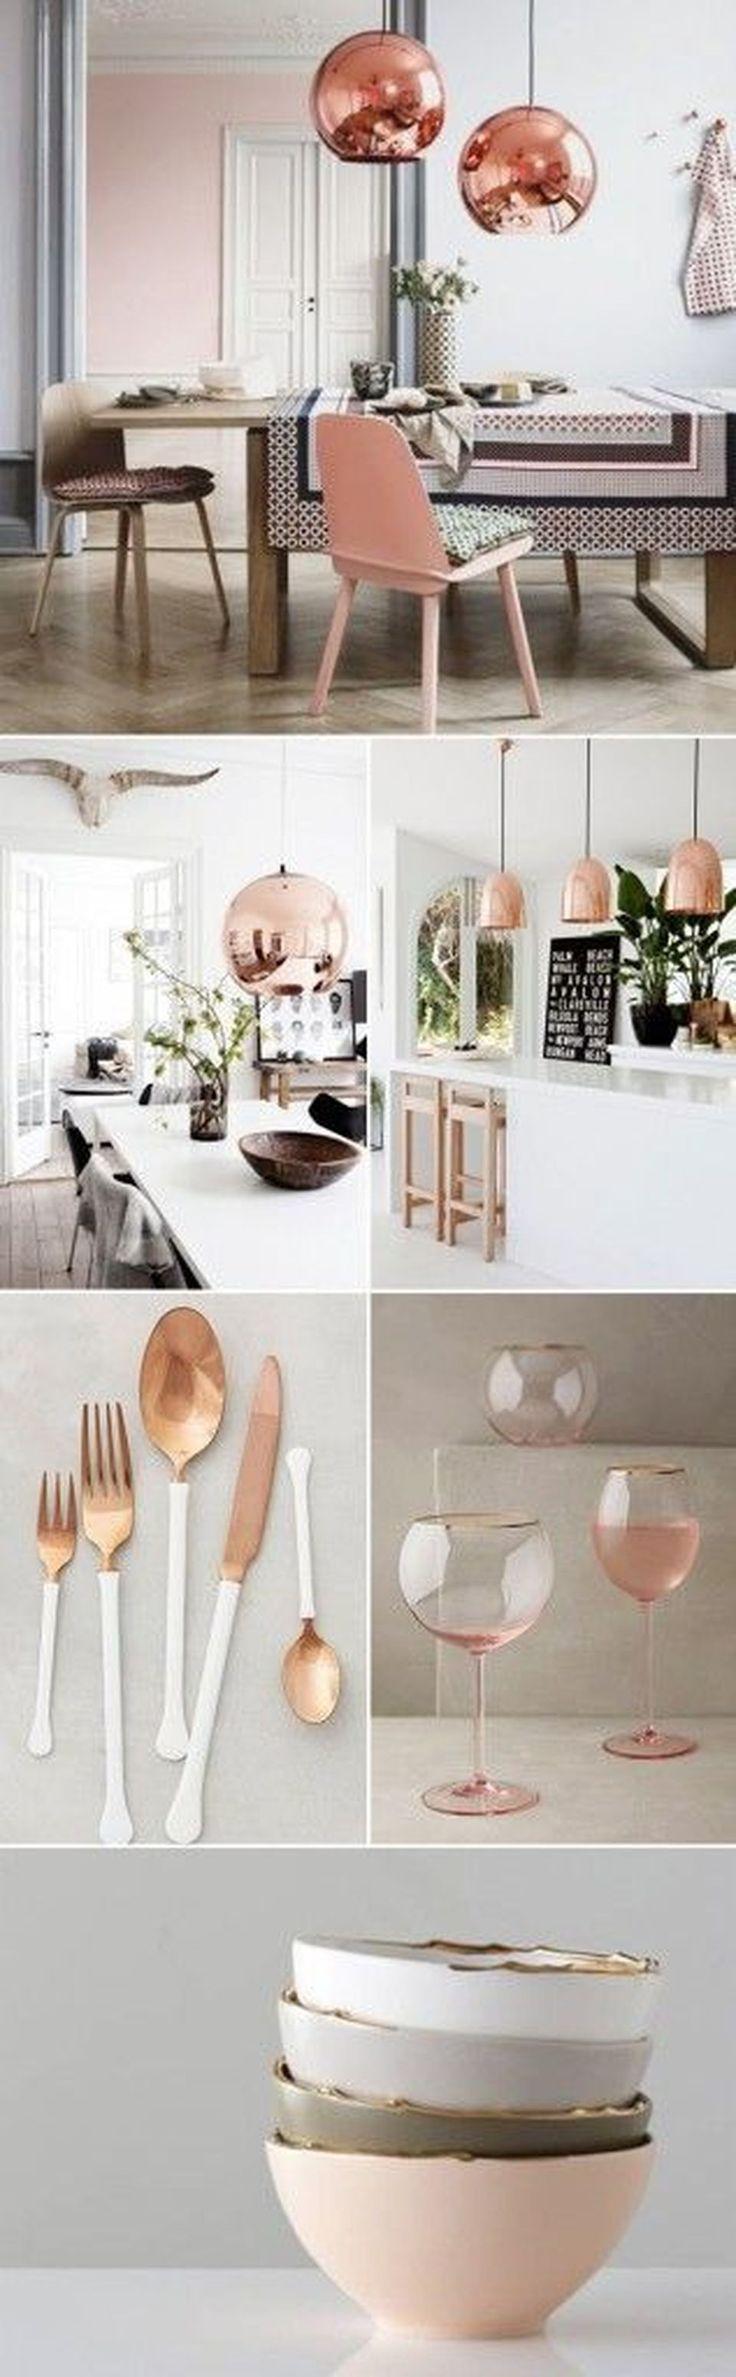 Fein Wohnung Küche Dekorieren Themen Galerie - Küche Set Ideen ...